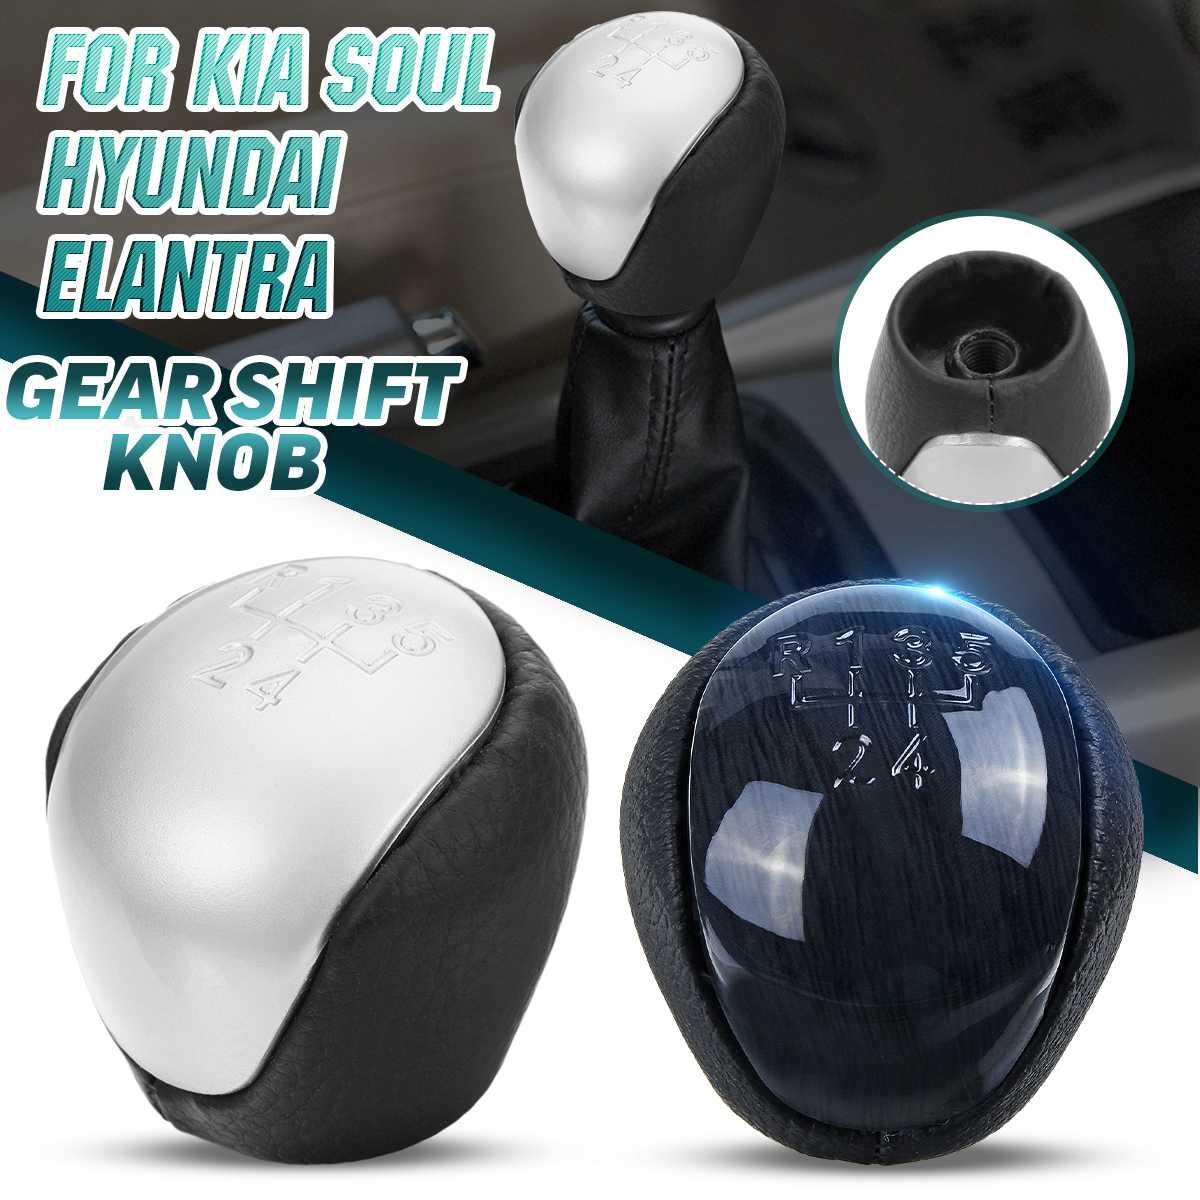 Perilla de palanca de cambios de coche de 5 velocidades, palanca de cambio Manual para Kia Forte Soul para Hyundai Elantra I30